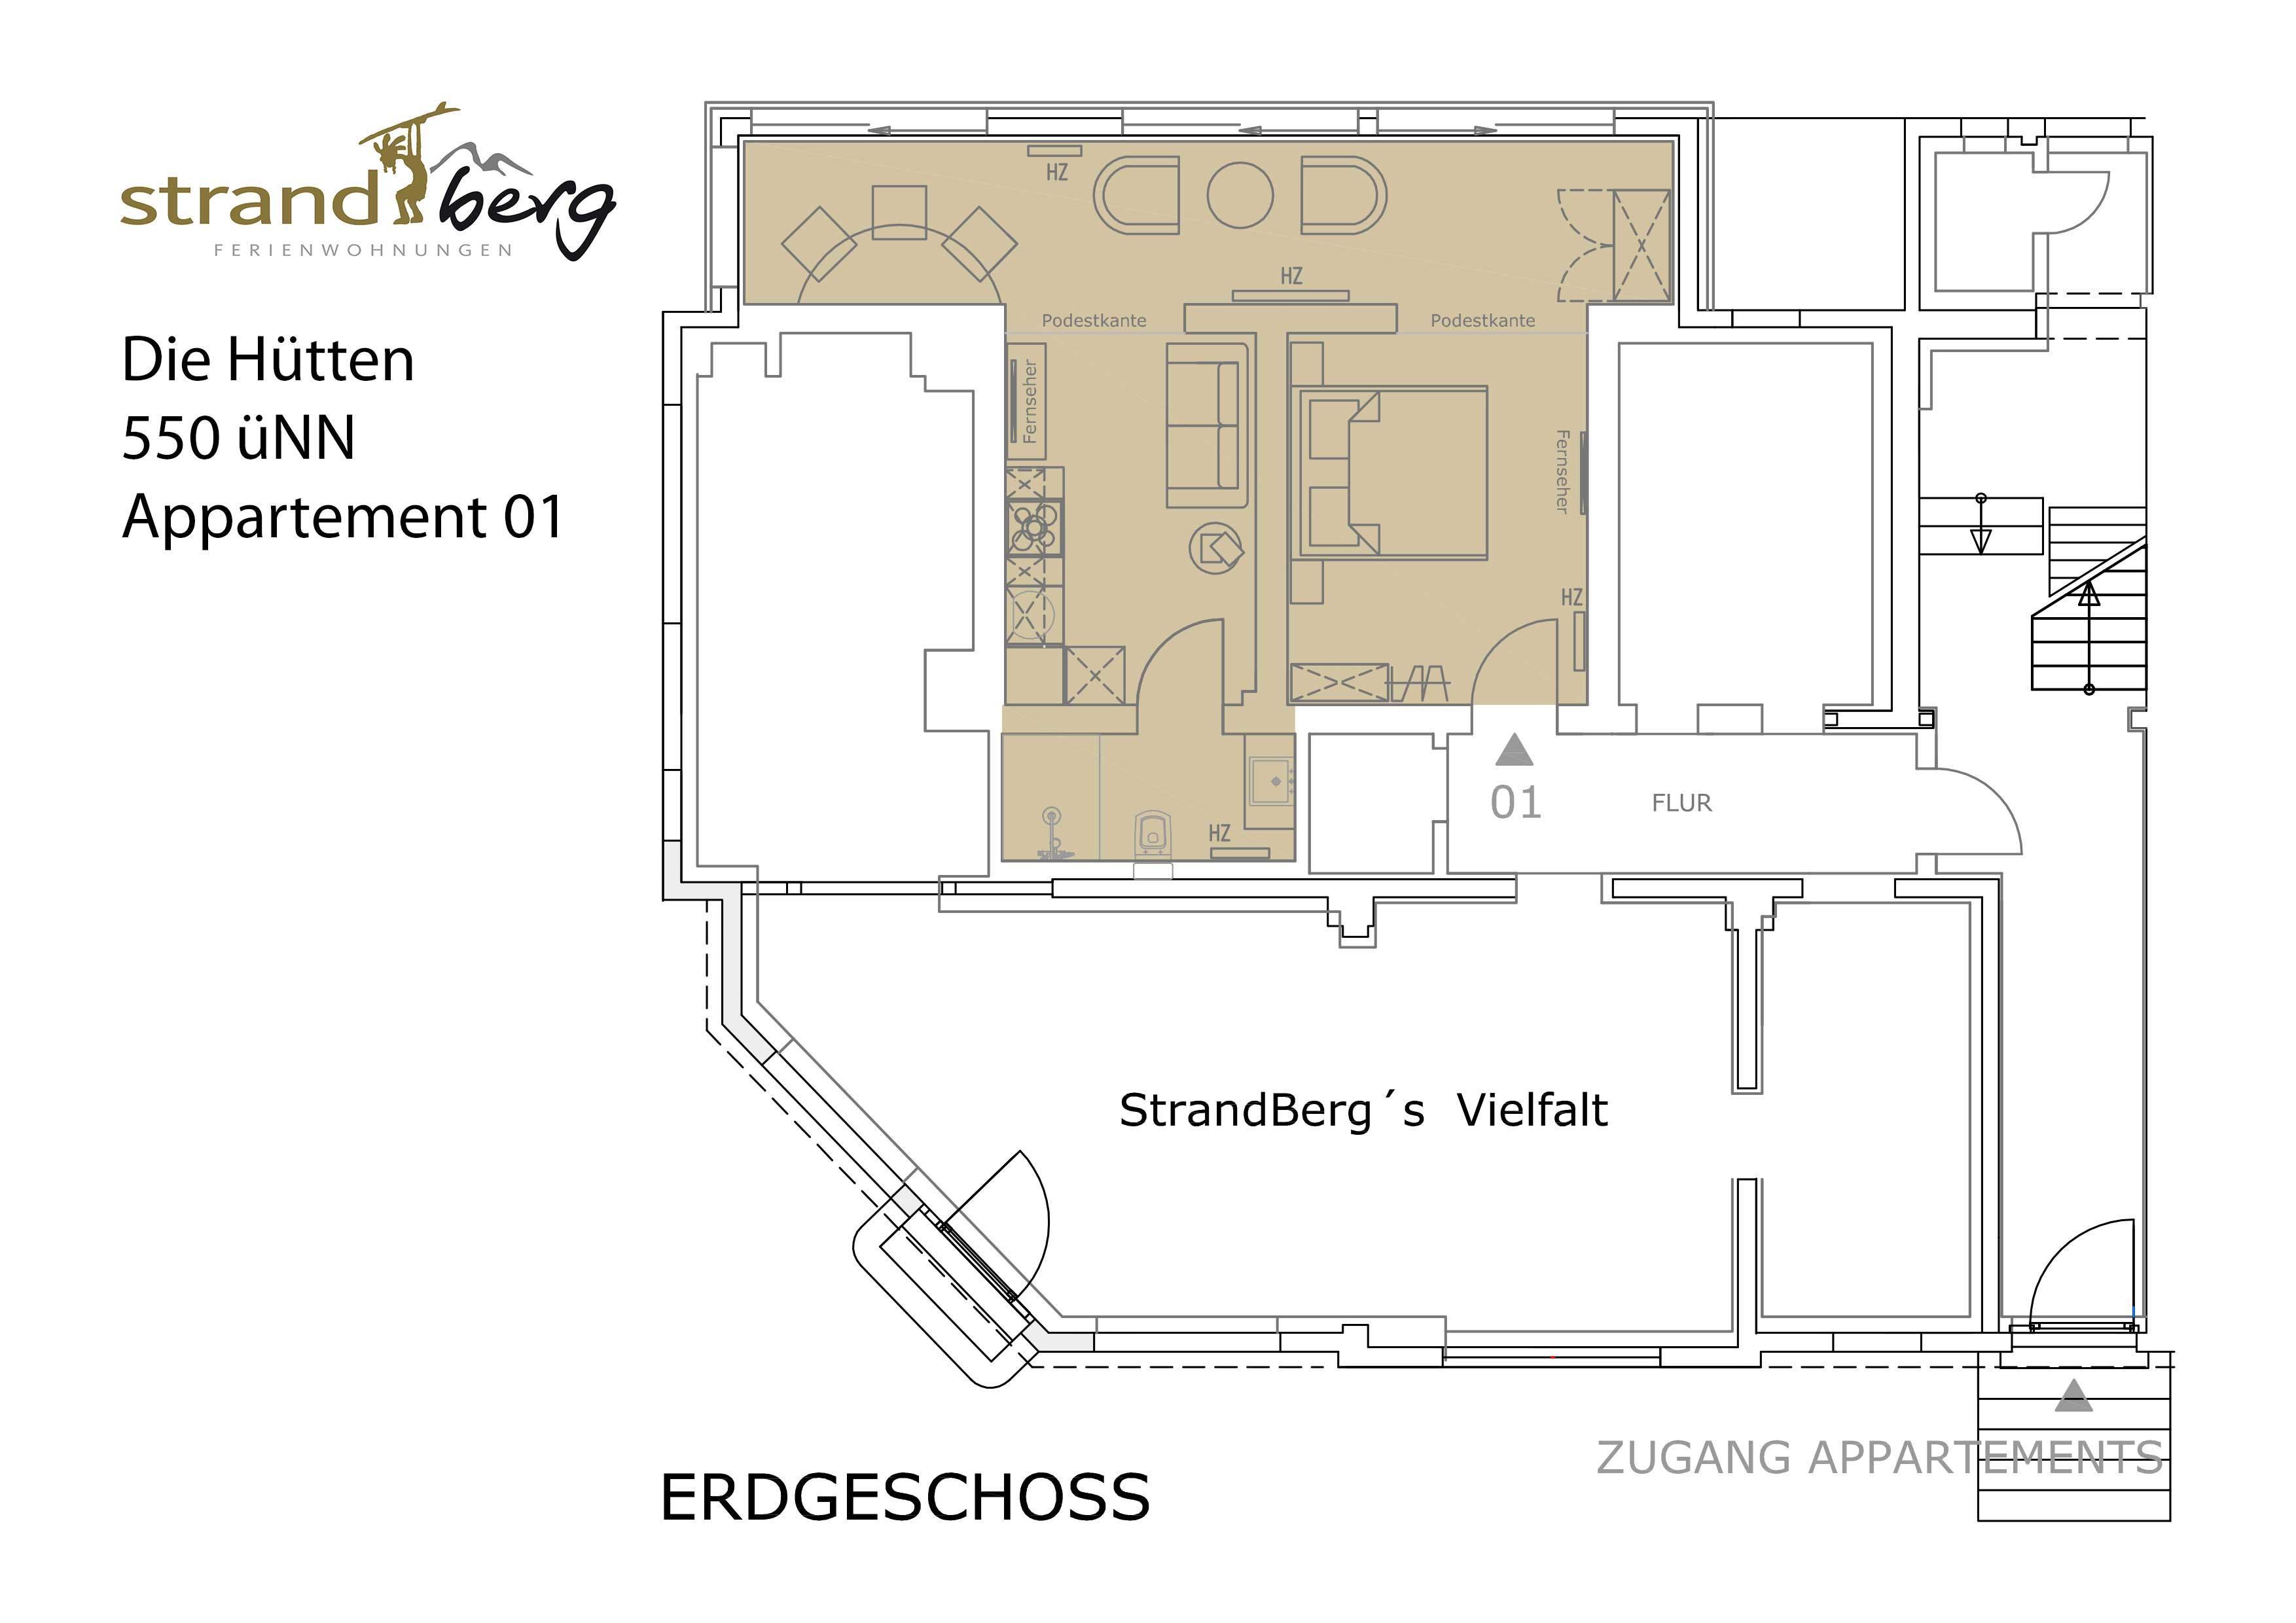 Die-Hütten-Grundriss-Appartement-01